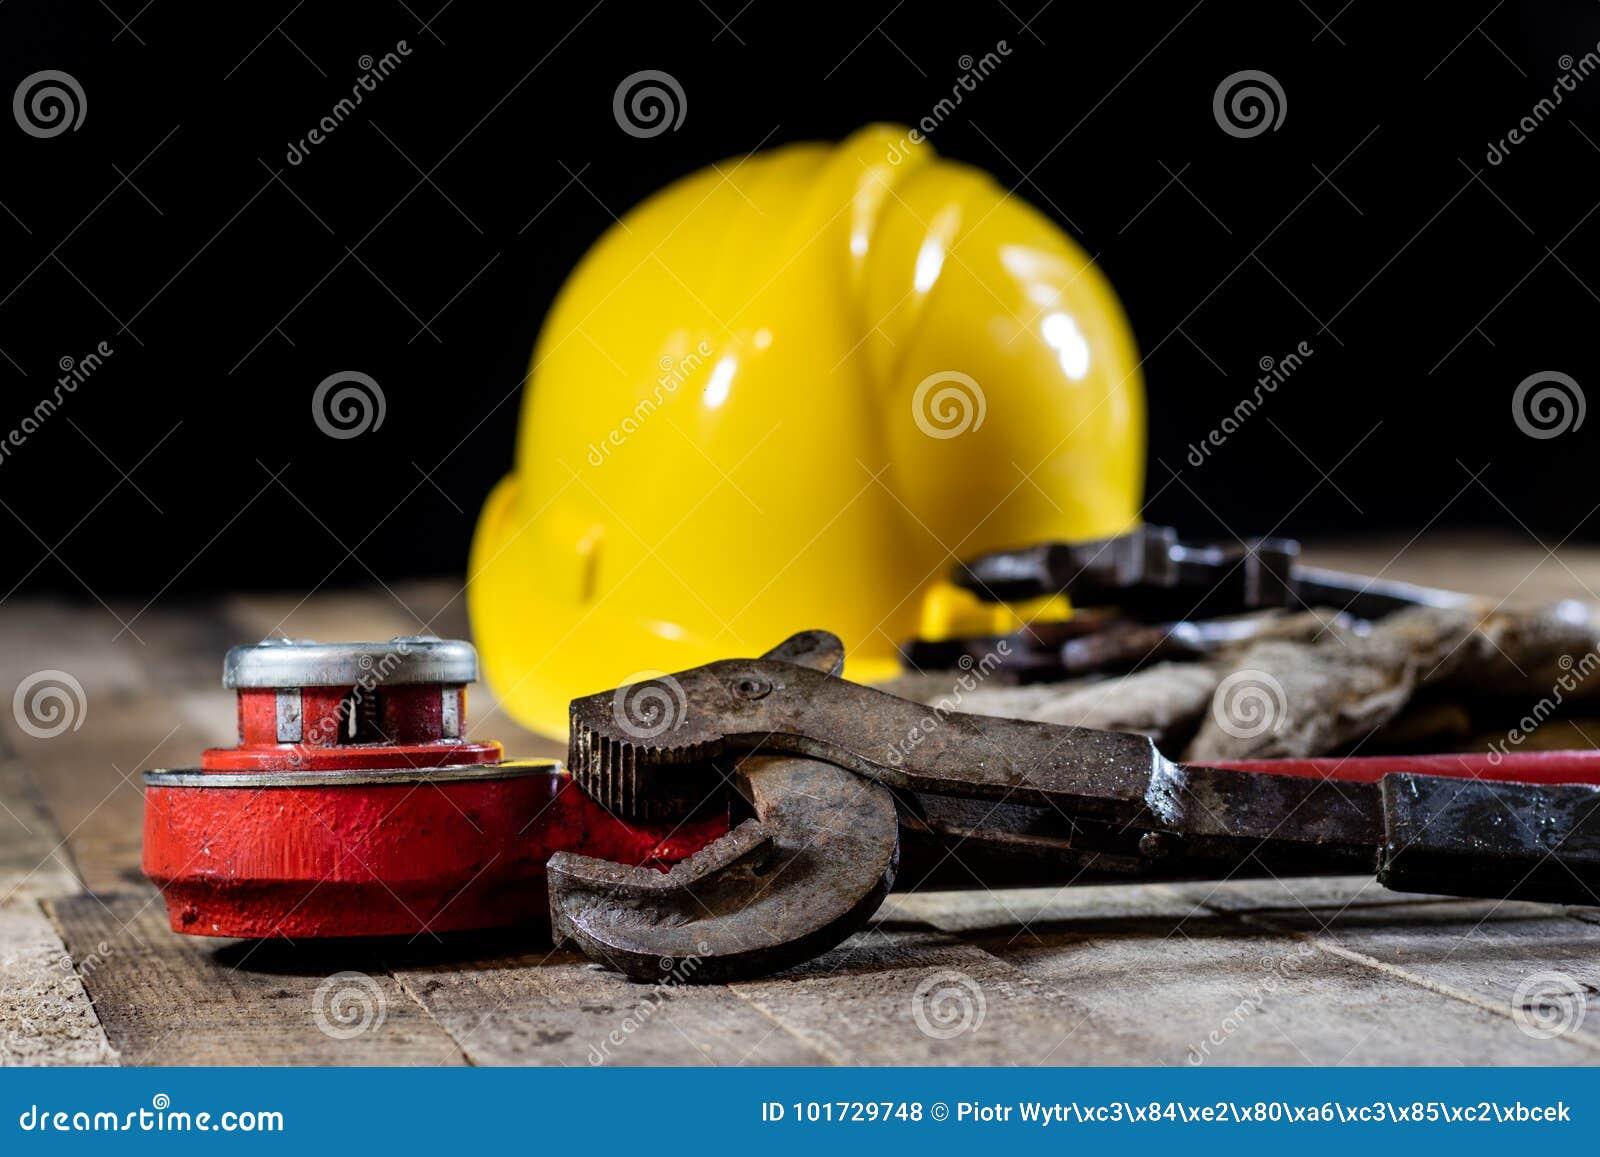 Hydraulik, Werkzeuge für Klempner auf Holztisch Werkstatt, verlegen a